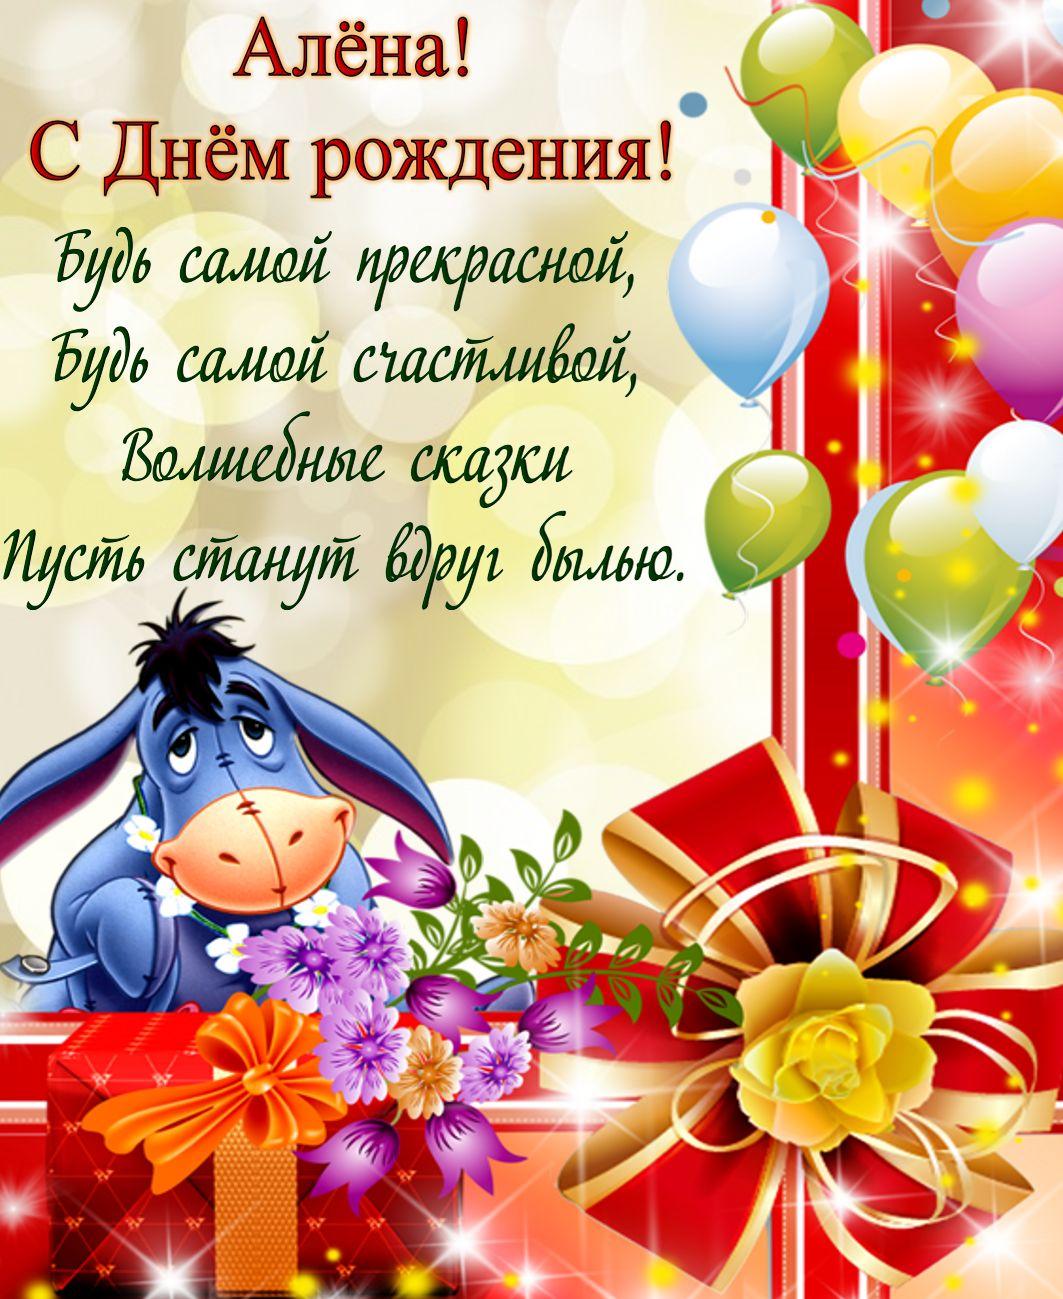 Открытка с Днем рождения Алёне - ослик Иа среди подарков и шариков